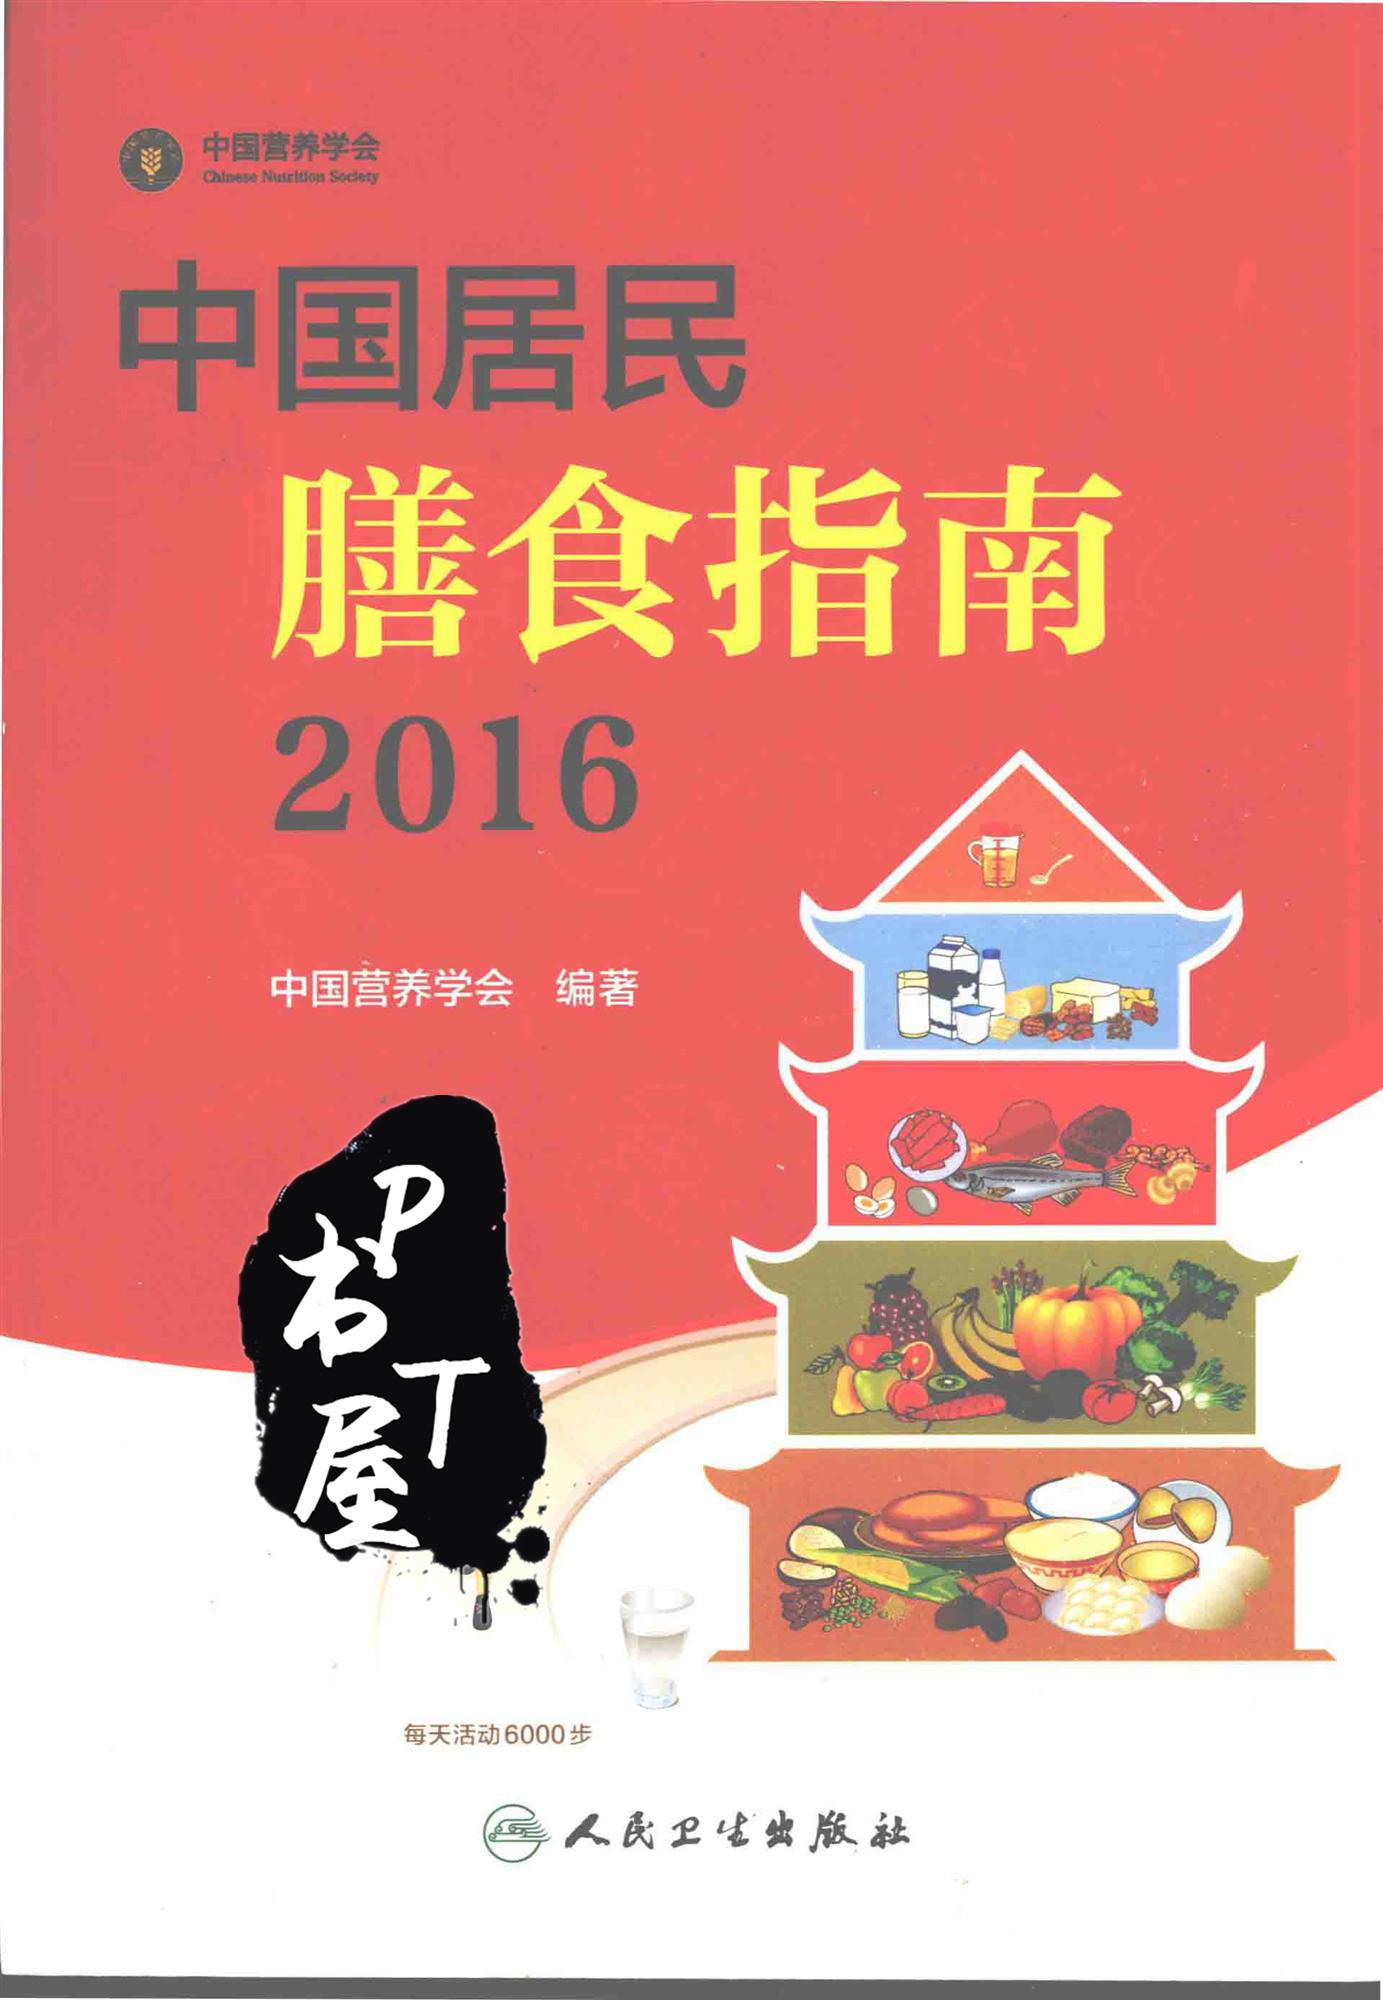 中国居民膳食指南 2016版 Book Cover